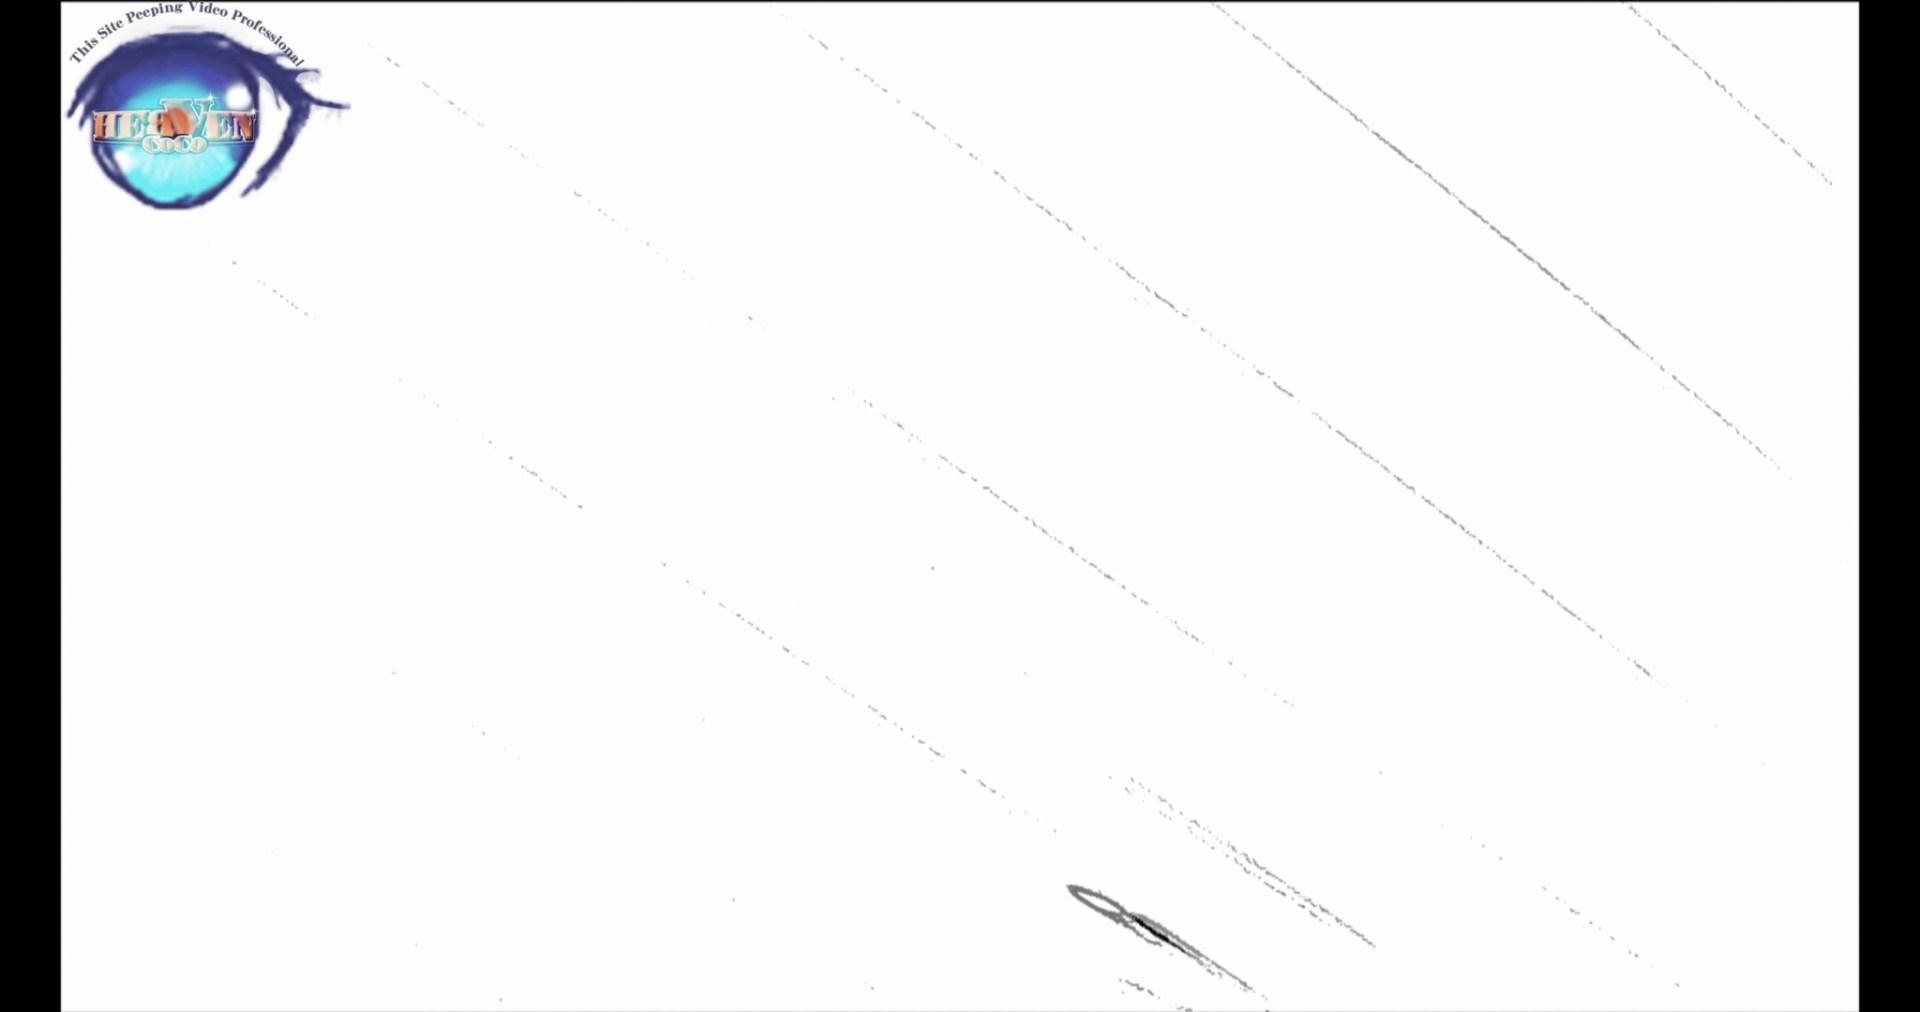 お銀さんの洗面所突入レポート!!vol.74 典型的な韓国人美女登場!!前編 美女まとめ   洗面所編  78PIX 51